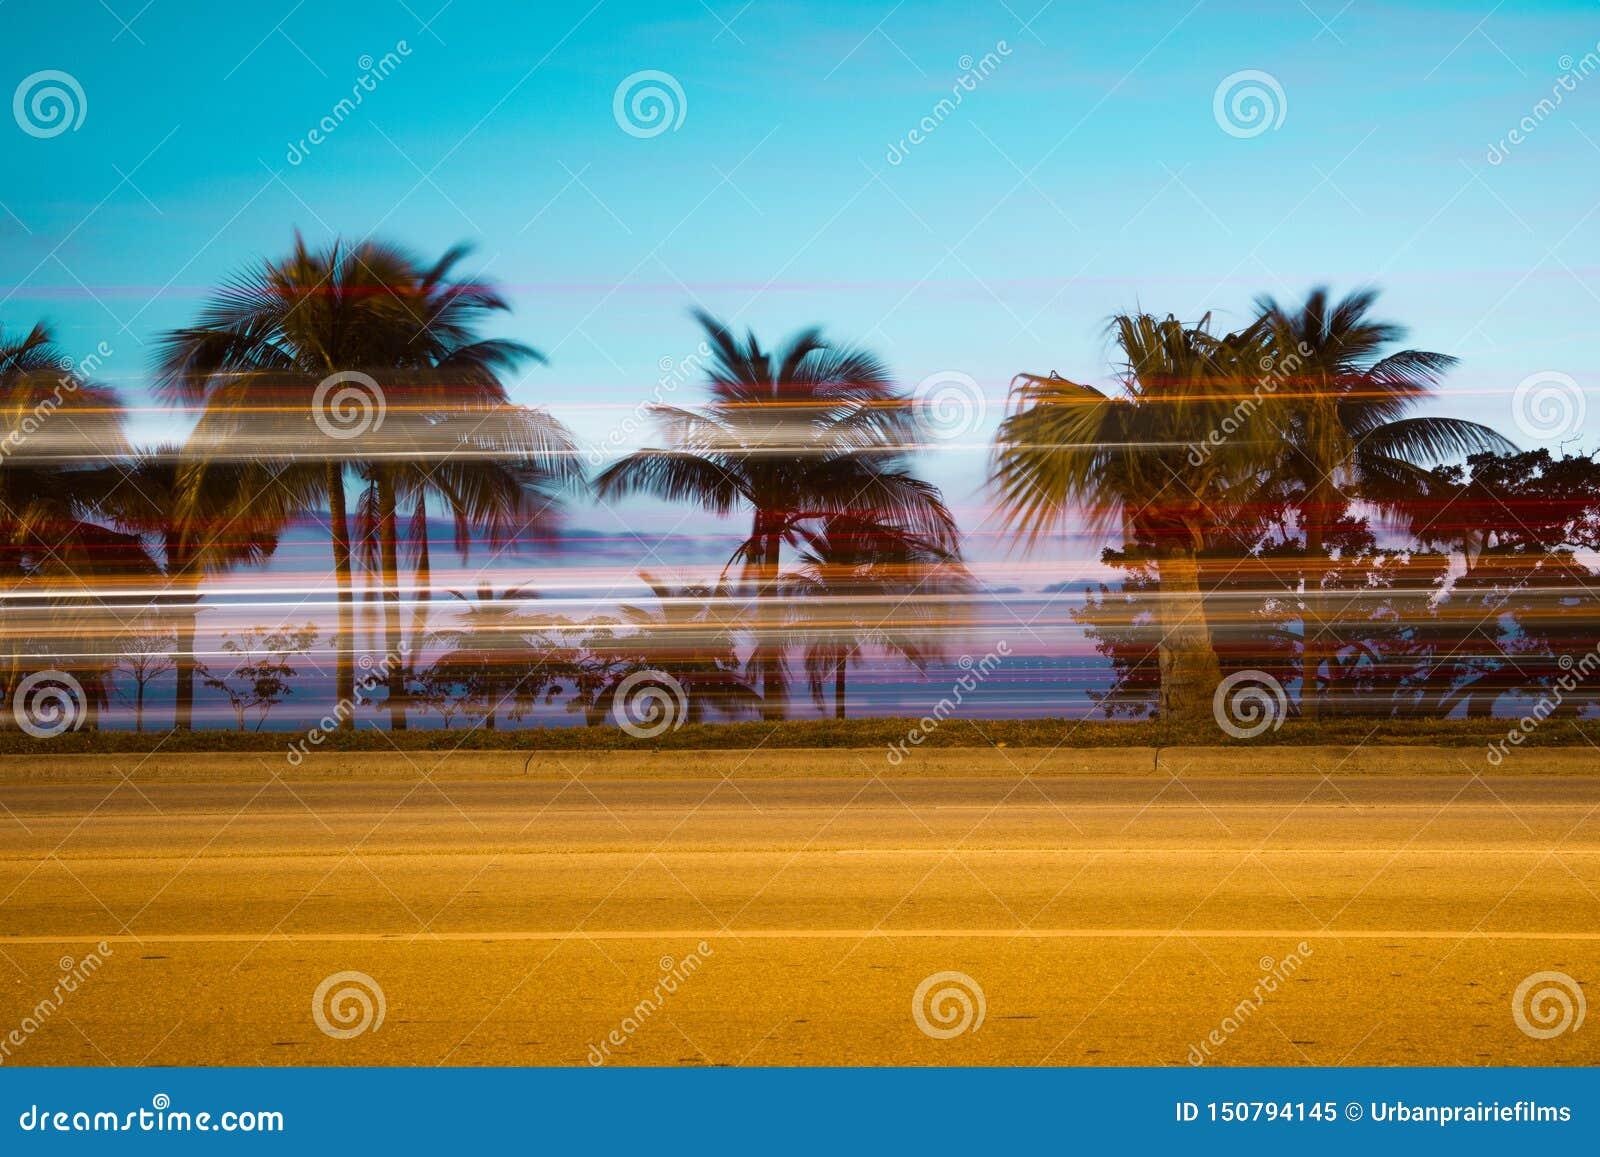 迈阿密佛罗里达高速公路迷离